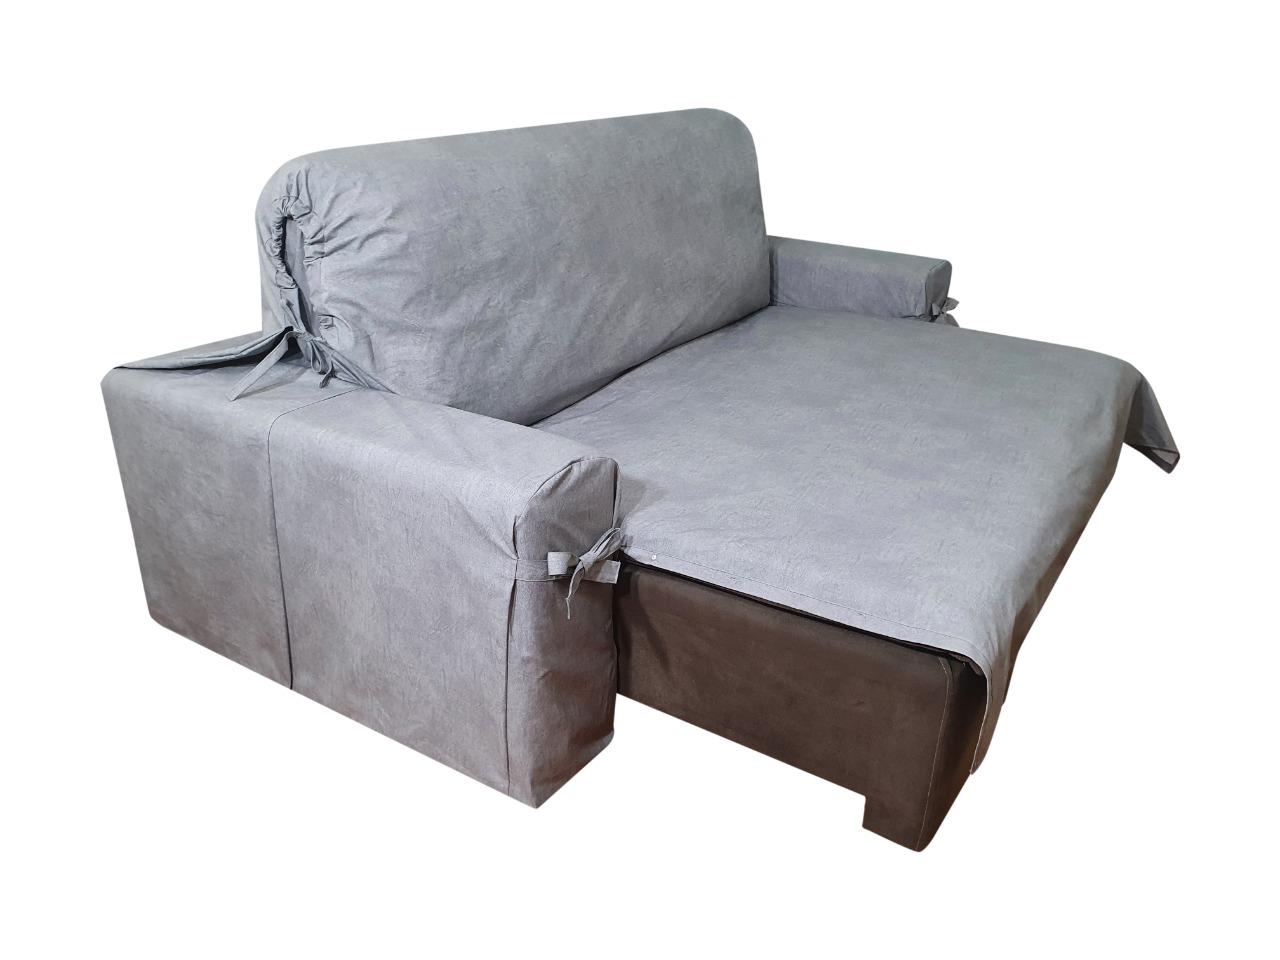 Capa p/ Sofá Retrátil e Reclinável em Acquablock Impermeável GRAFITE - Veste Sofás de 2,66m até 2,95m